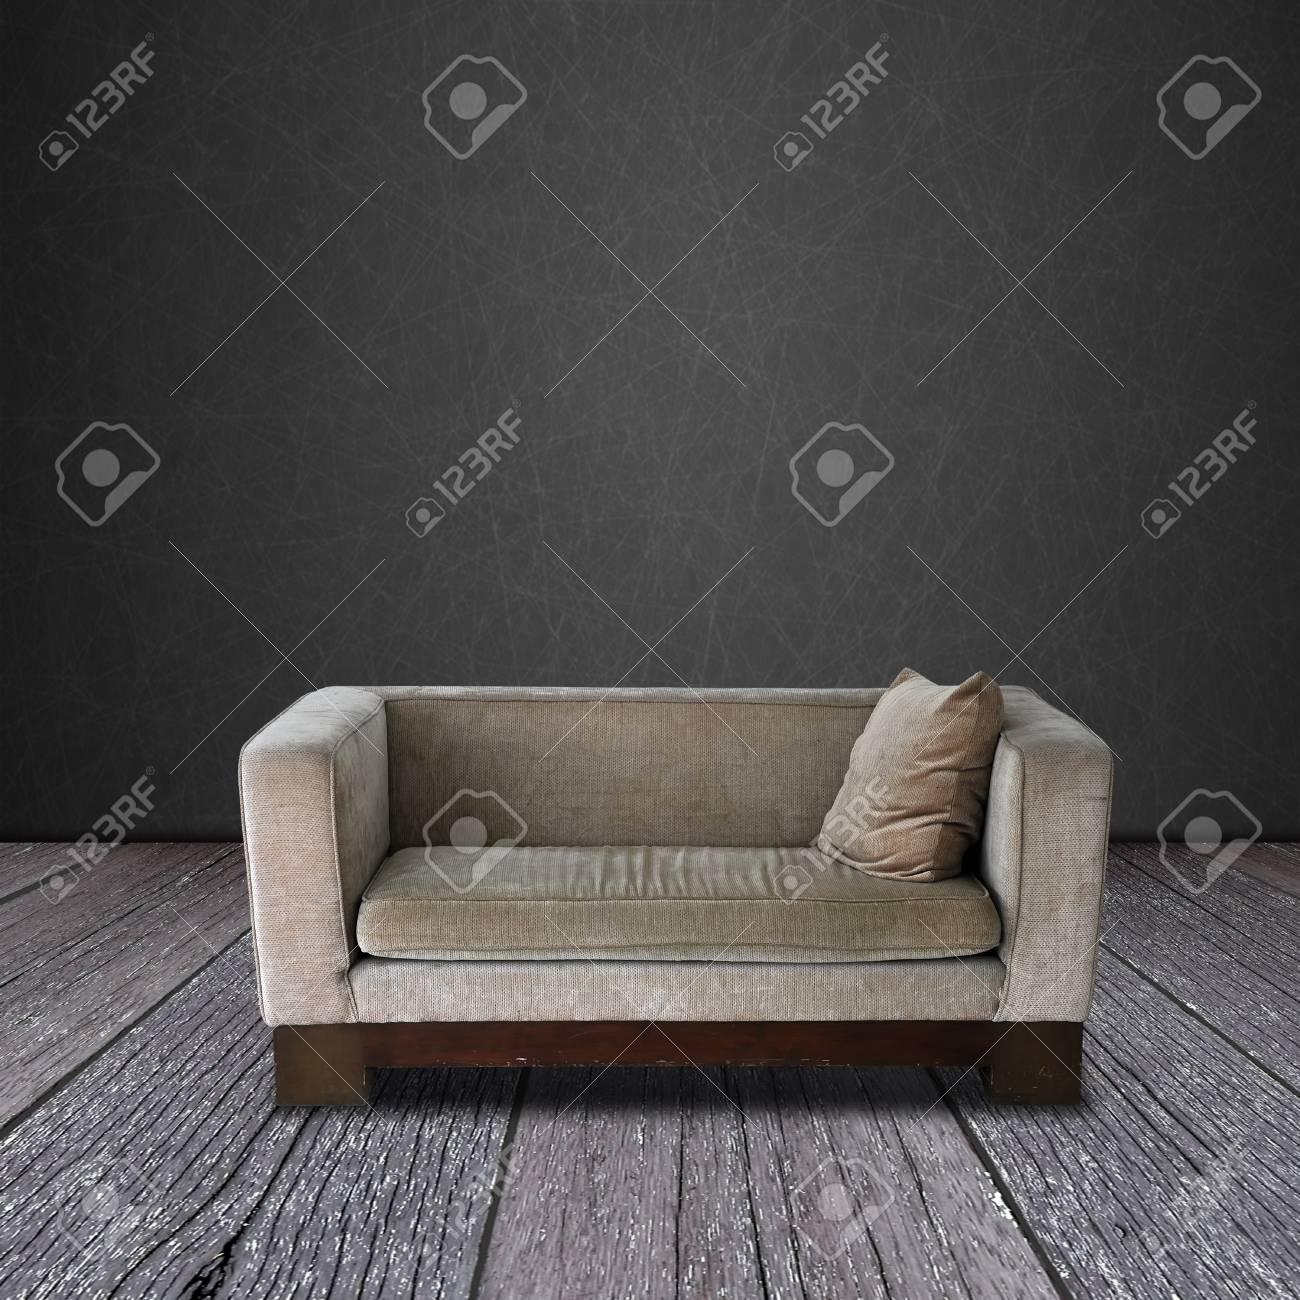 canape moderne sur la piece de bois